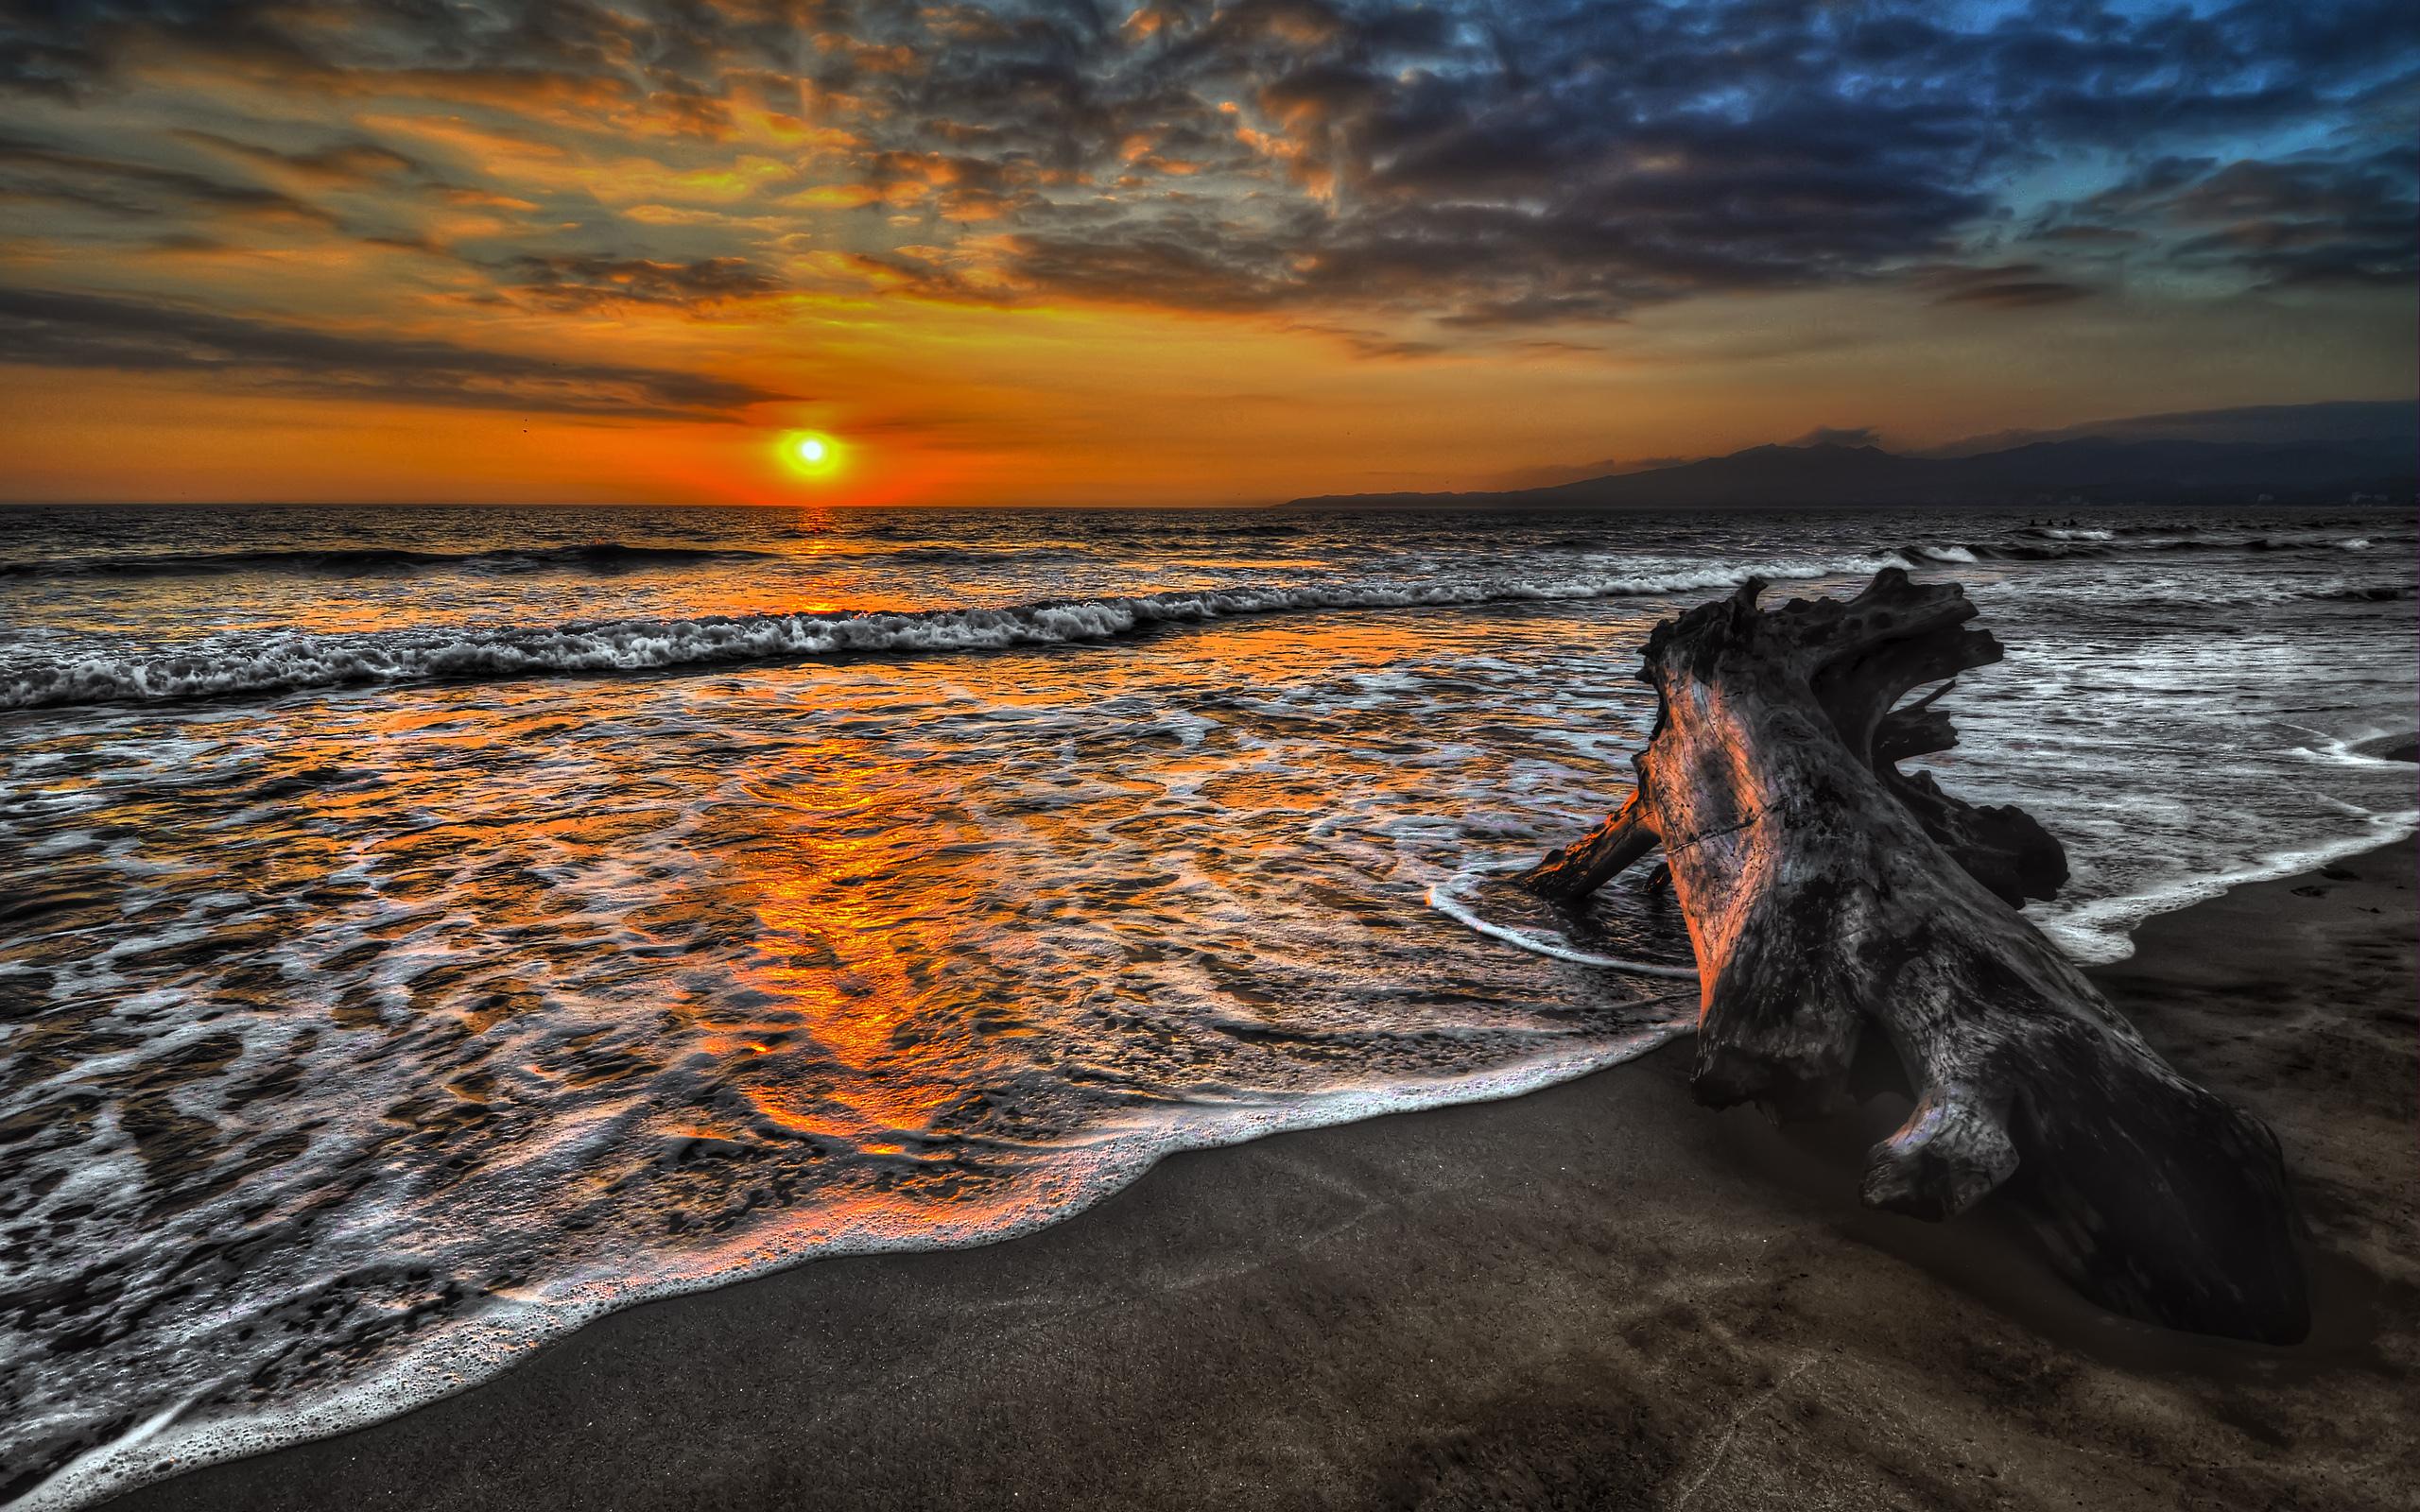 Image: http://topwalls.net/wp-content/uploads/2012/01/sunset-amazing-beach-clouds-nature-ocean-sea-sky-splendor-sunlight-sunset.jpg